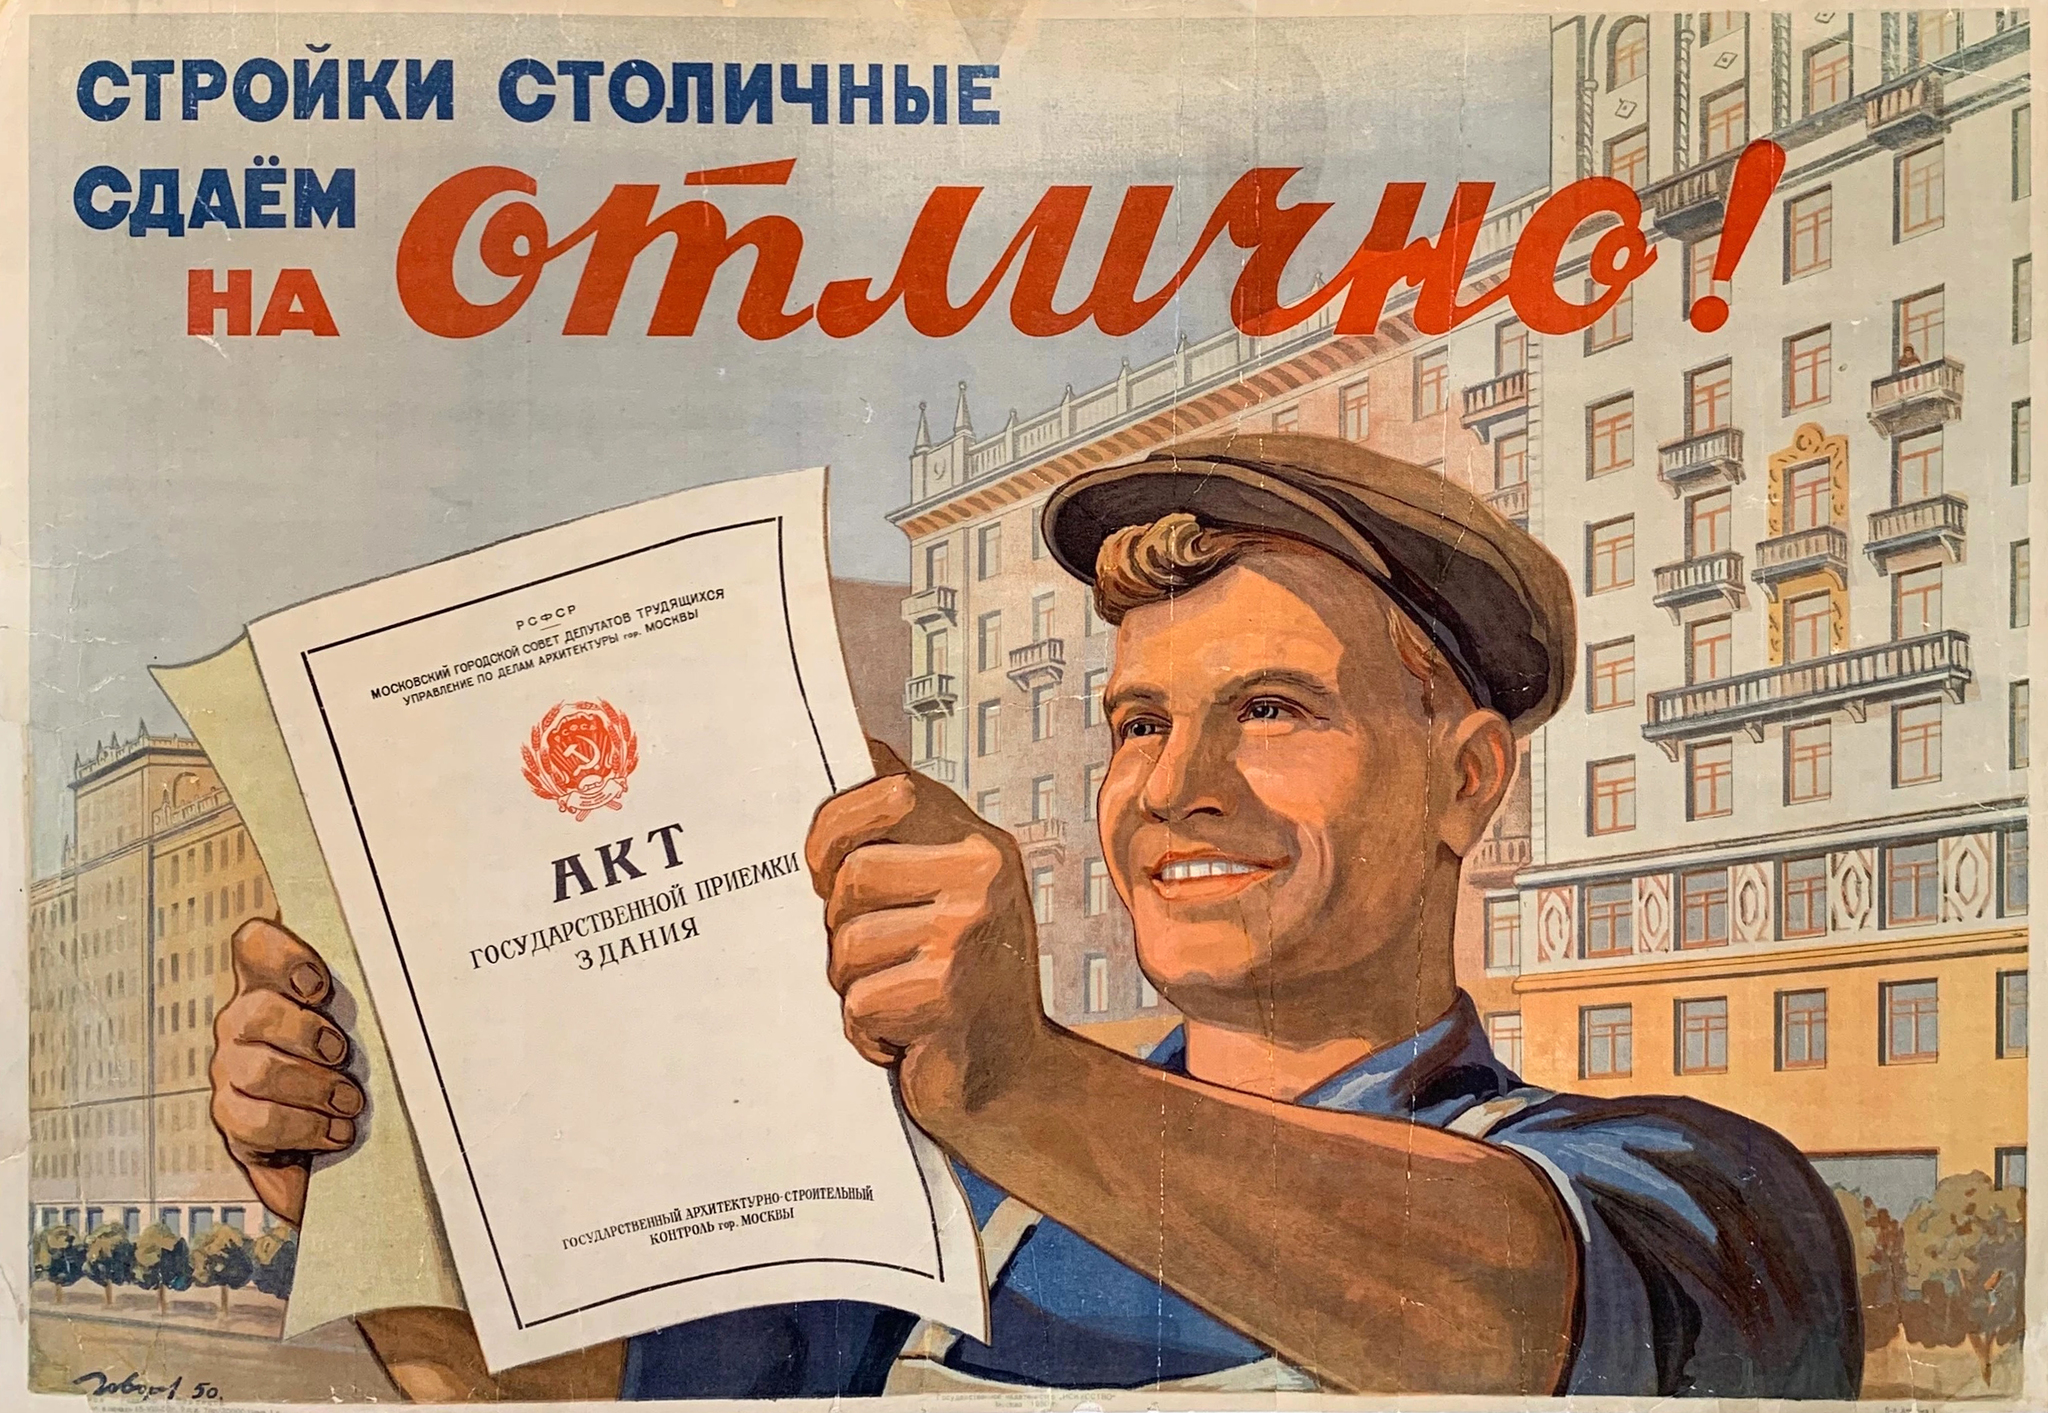 """Координатор """"Великого будівництва"""" Голик показав, як цей проєкт реалізується в Києві - Цензор.НЕТ 4240"""